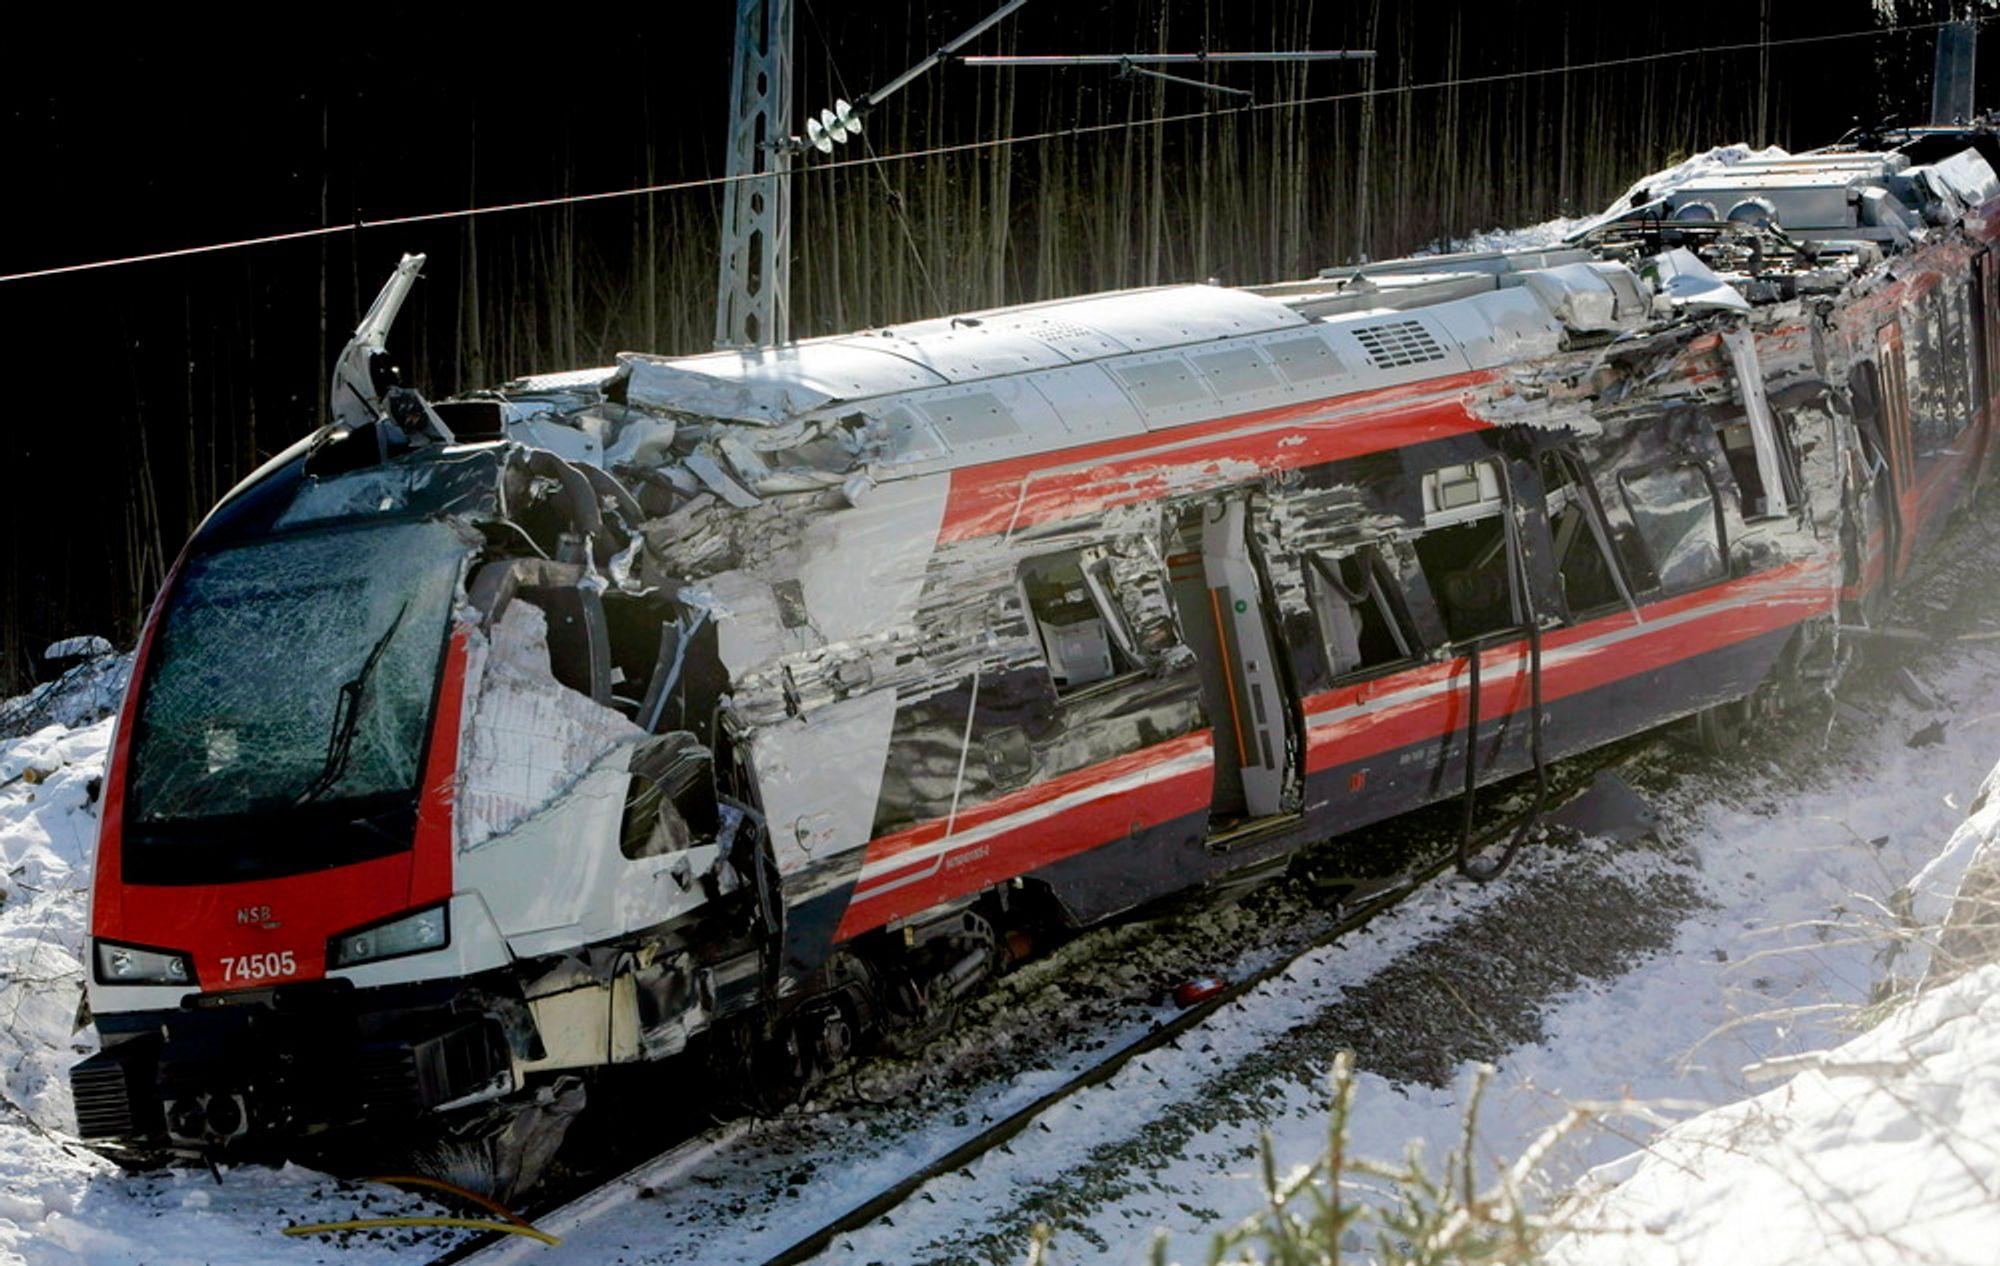 Havarikommisjonen har ikke funnet feil ved Flirt-toget som sporet av ved Nykirke i Vestfold i februar.